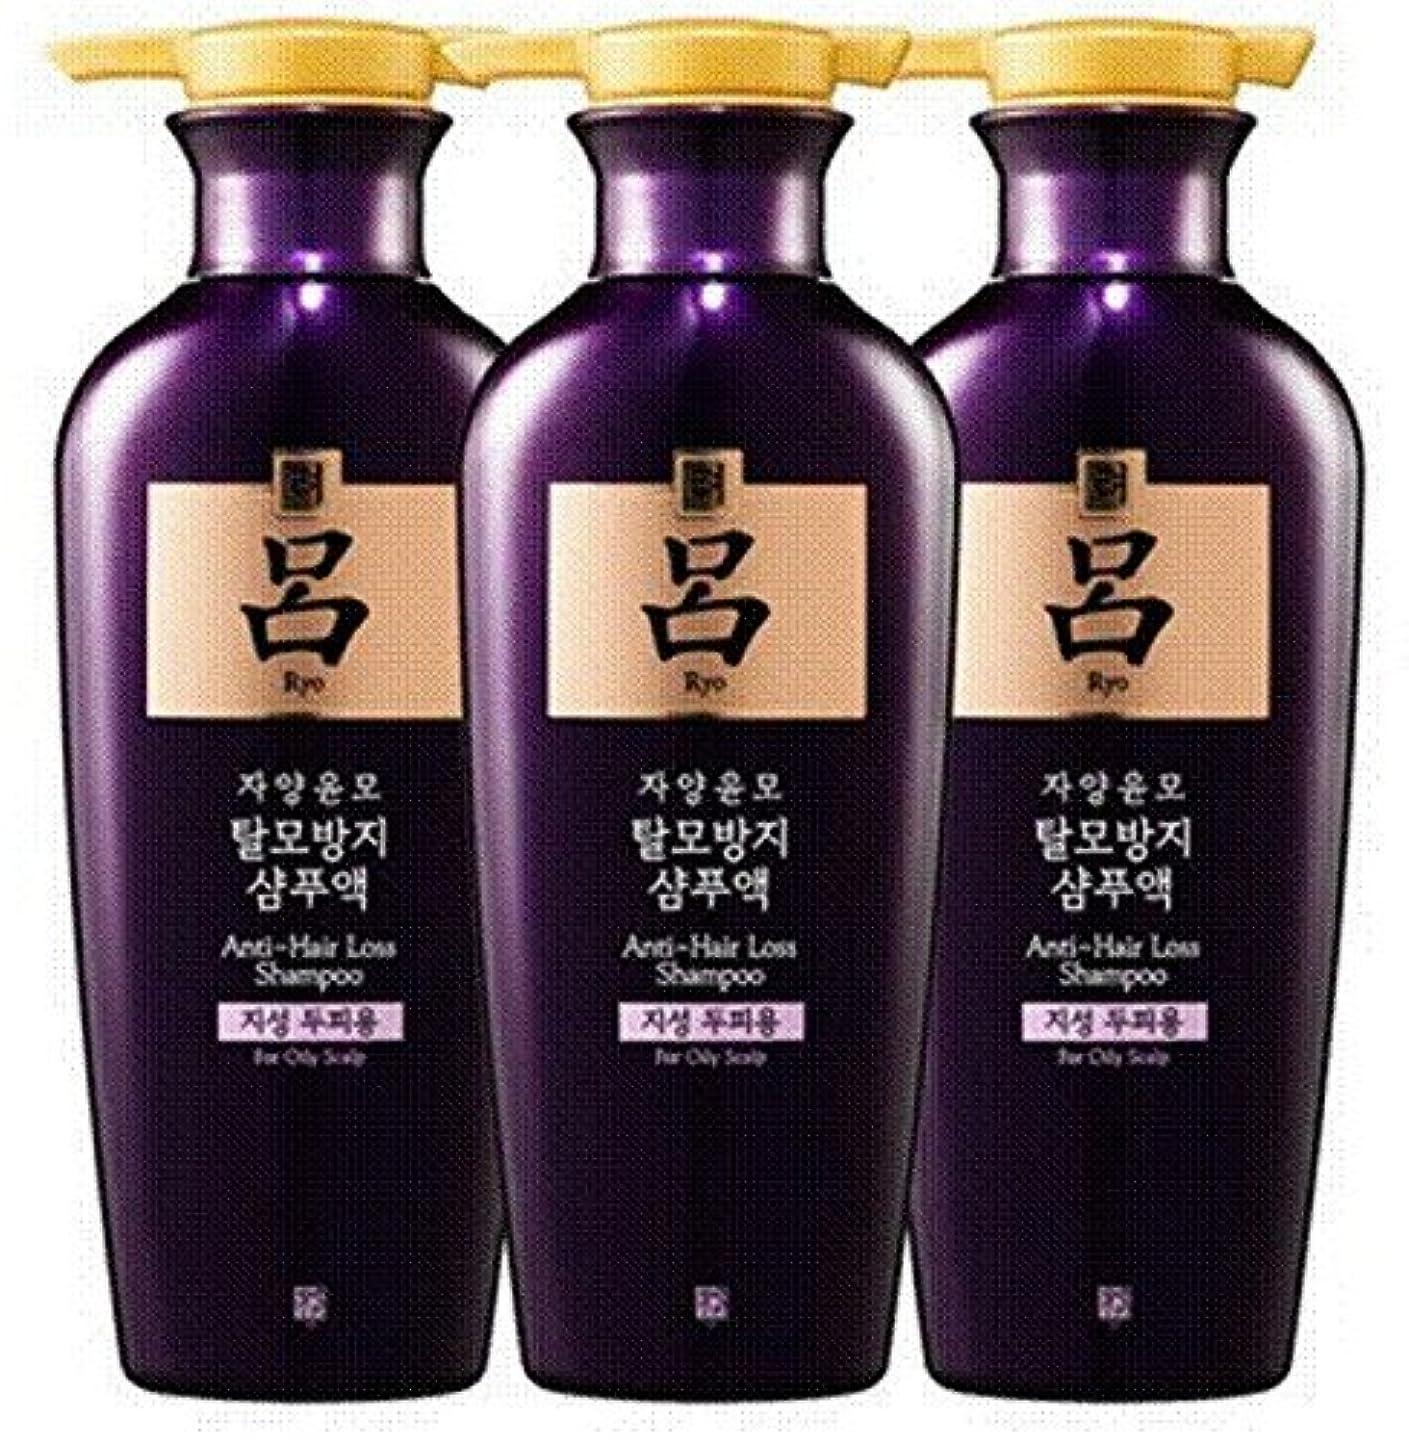 第二に長くする行為の脱毛防止シャンプー(アモーレパシフィック)呂 う者ヤンユンモ脱毛防止シャンプー脂性頭皮用RYO Anti Hair Loss Shampoo400ml X3(海外直送品)[並行輸入品]